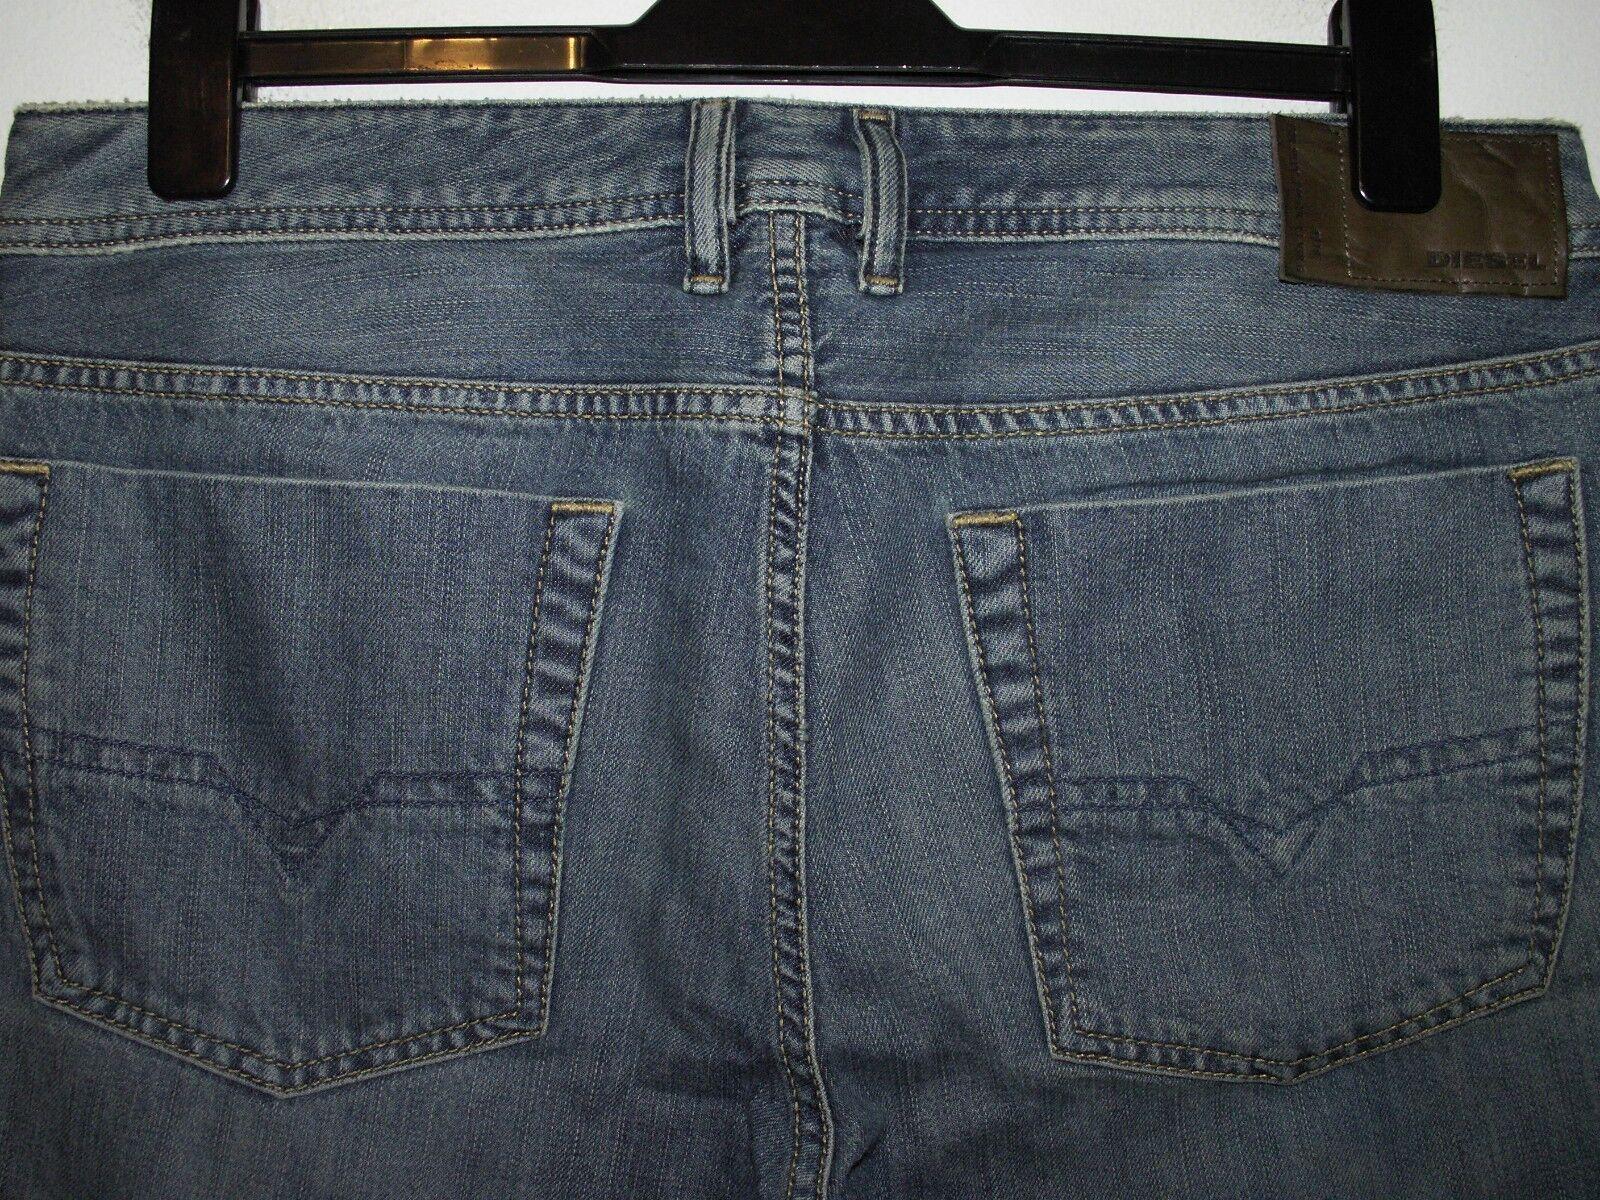 Diesel zatiny Stiefelcut jeans wash 0R86S W34 L30 (a1980)  sale